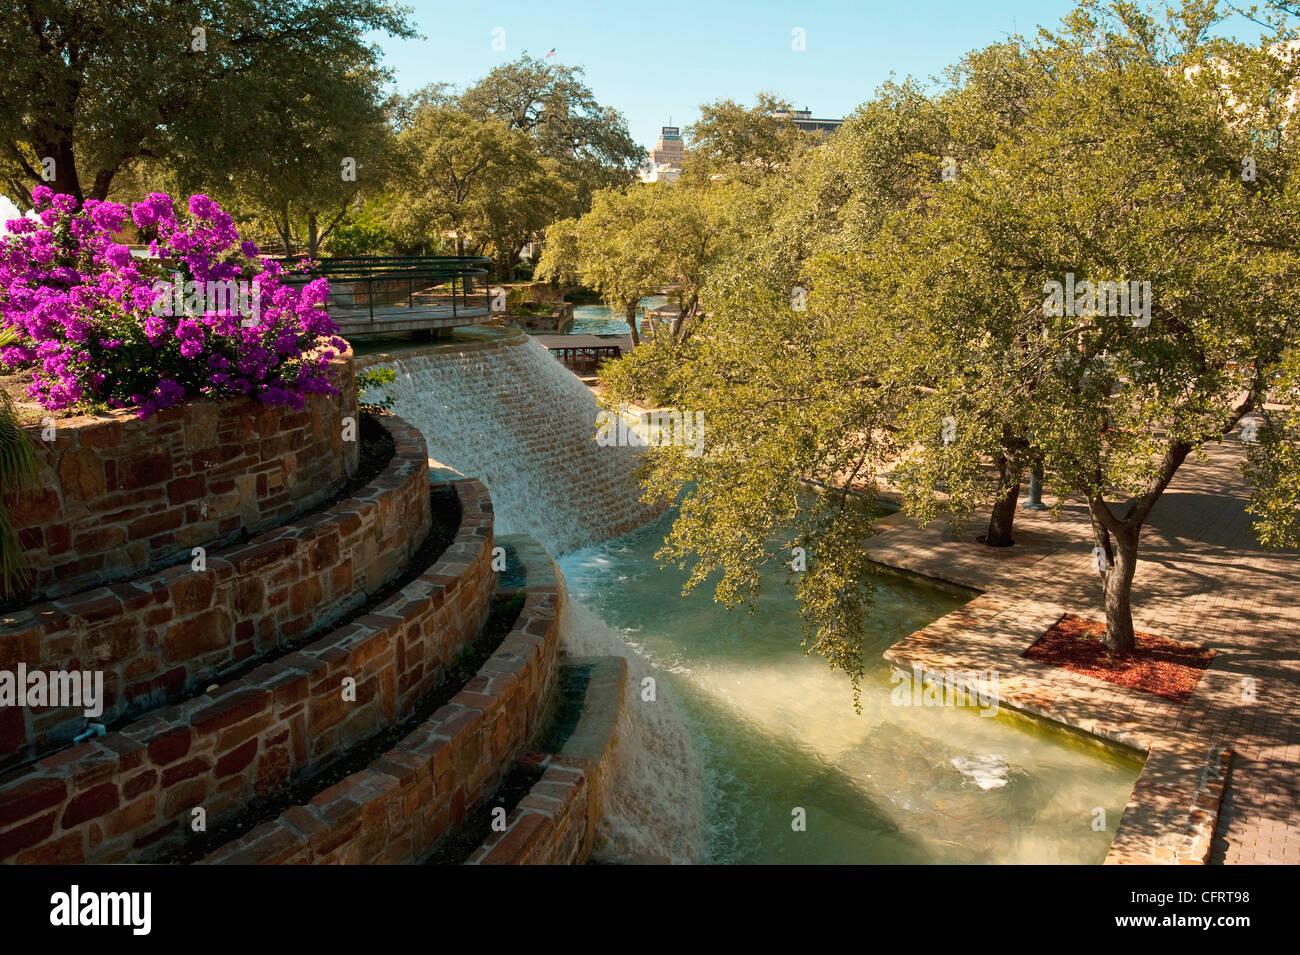 Usa Texas San Antonio Hemisfair Park Stone Waterfall Garden